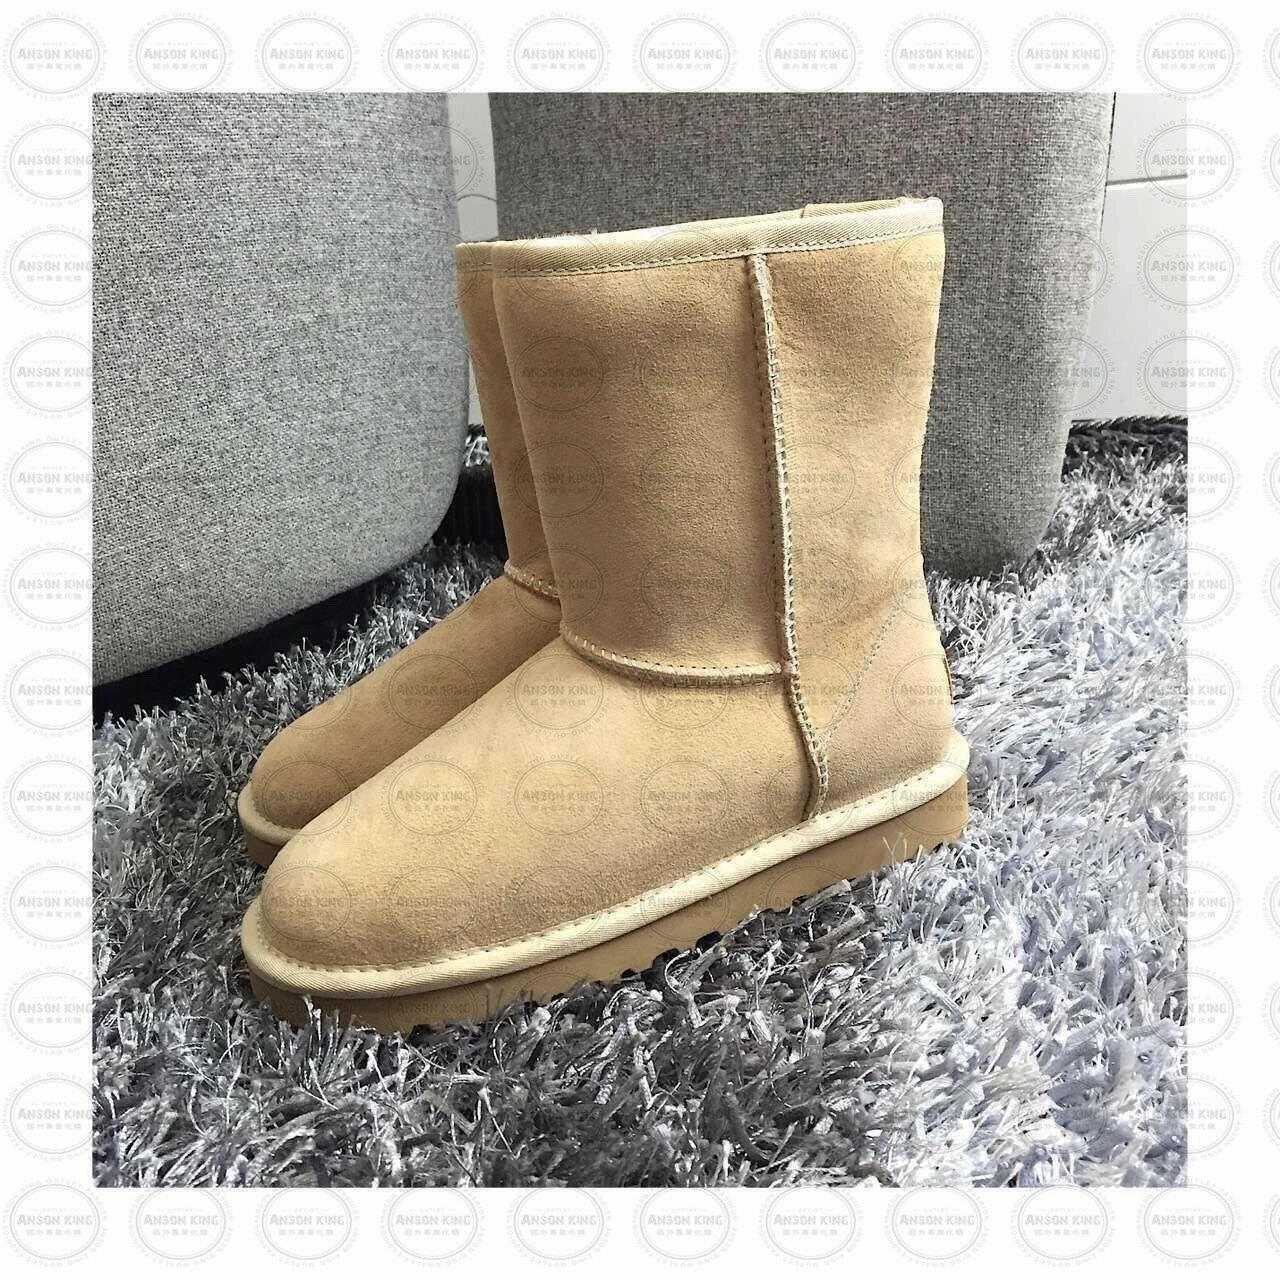 OUTLET正品代購 澳洲 UGG 經典女款羊皮毛一體雪靴 短靴 保暖 真皮羊皮毛 雪靴 短靴 沙色 0